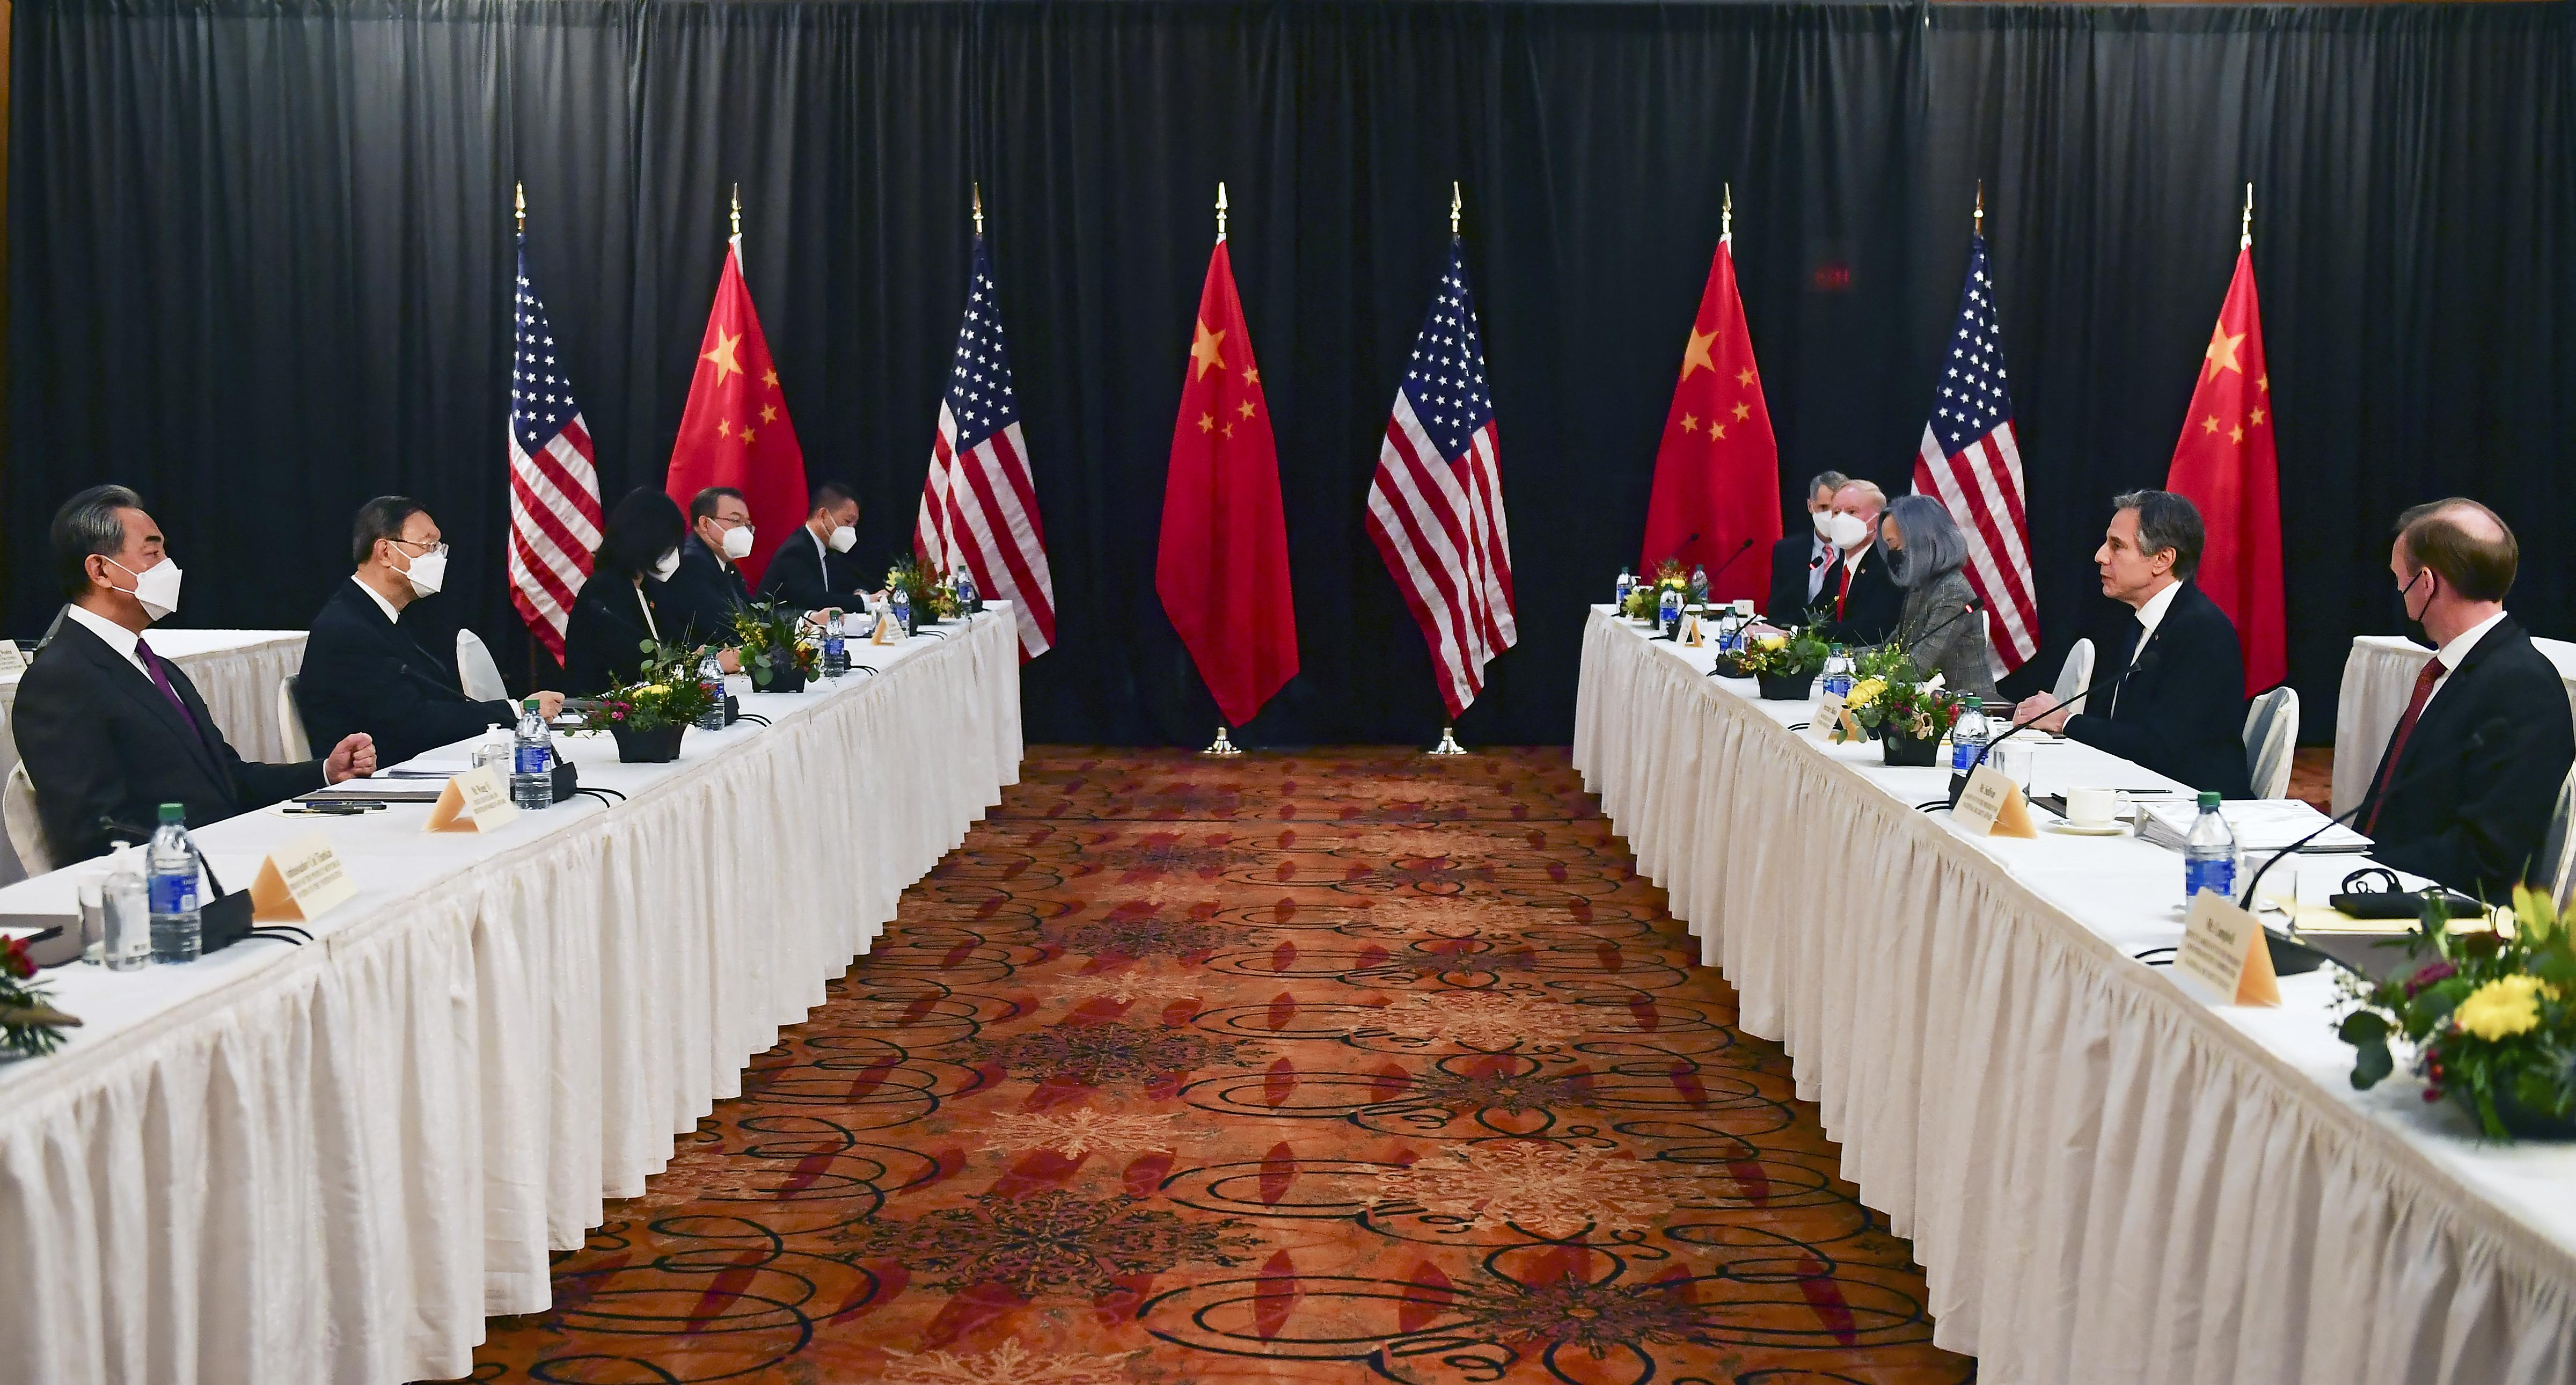 Fagyos hangulatban indult az USA-Kína csúcstalálkozó, és nem csak azért, mert Alaszkában tartják